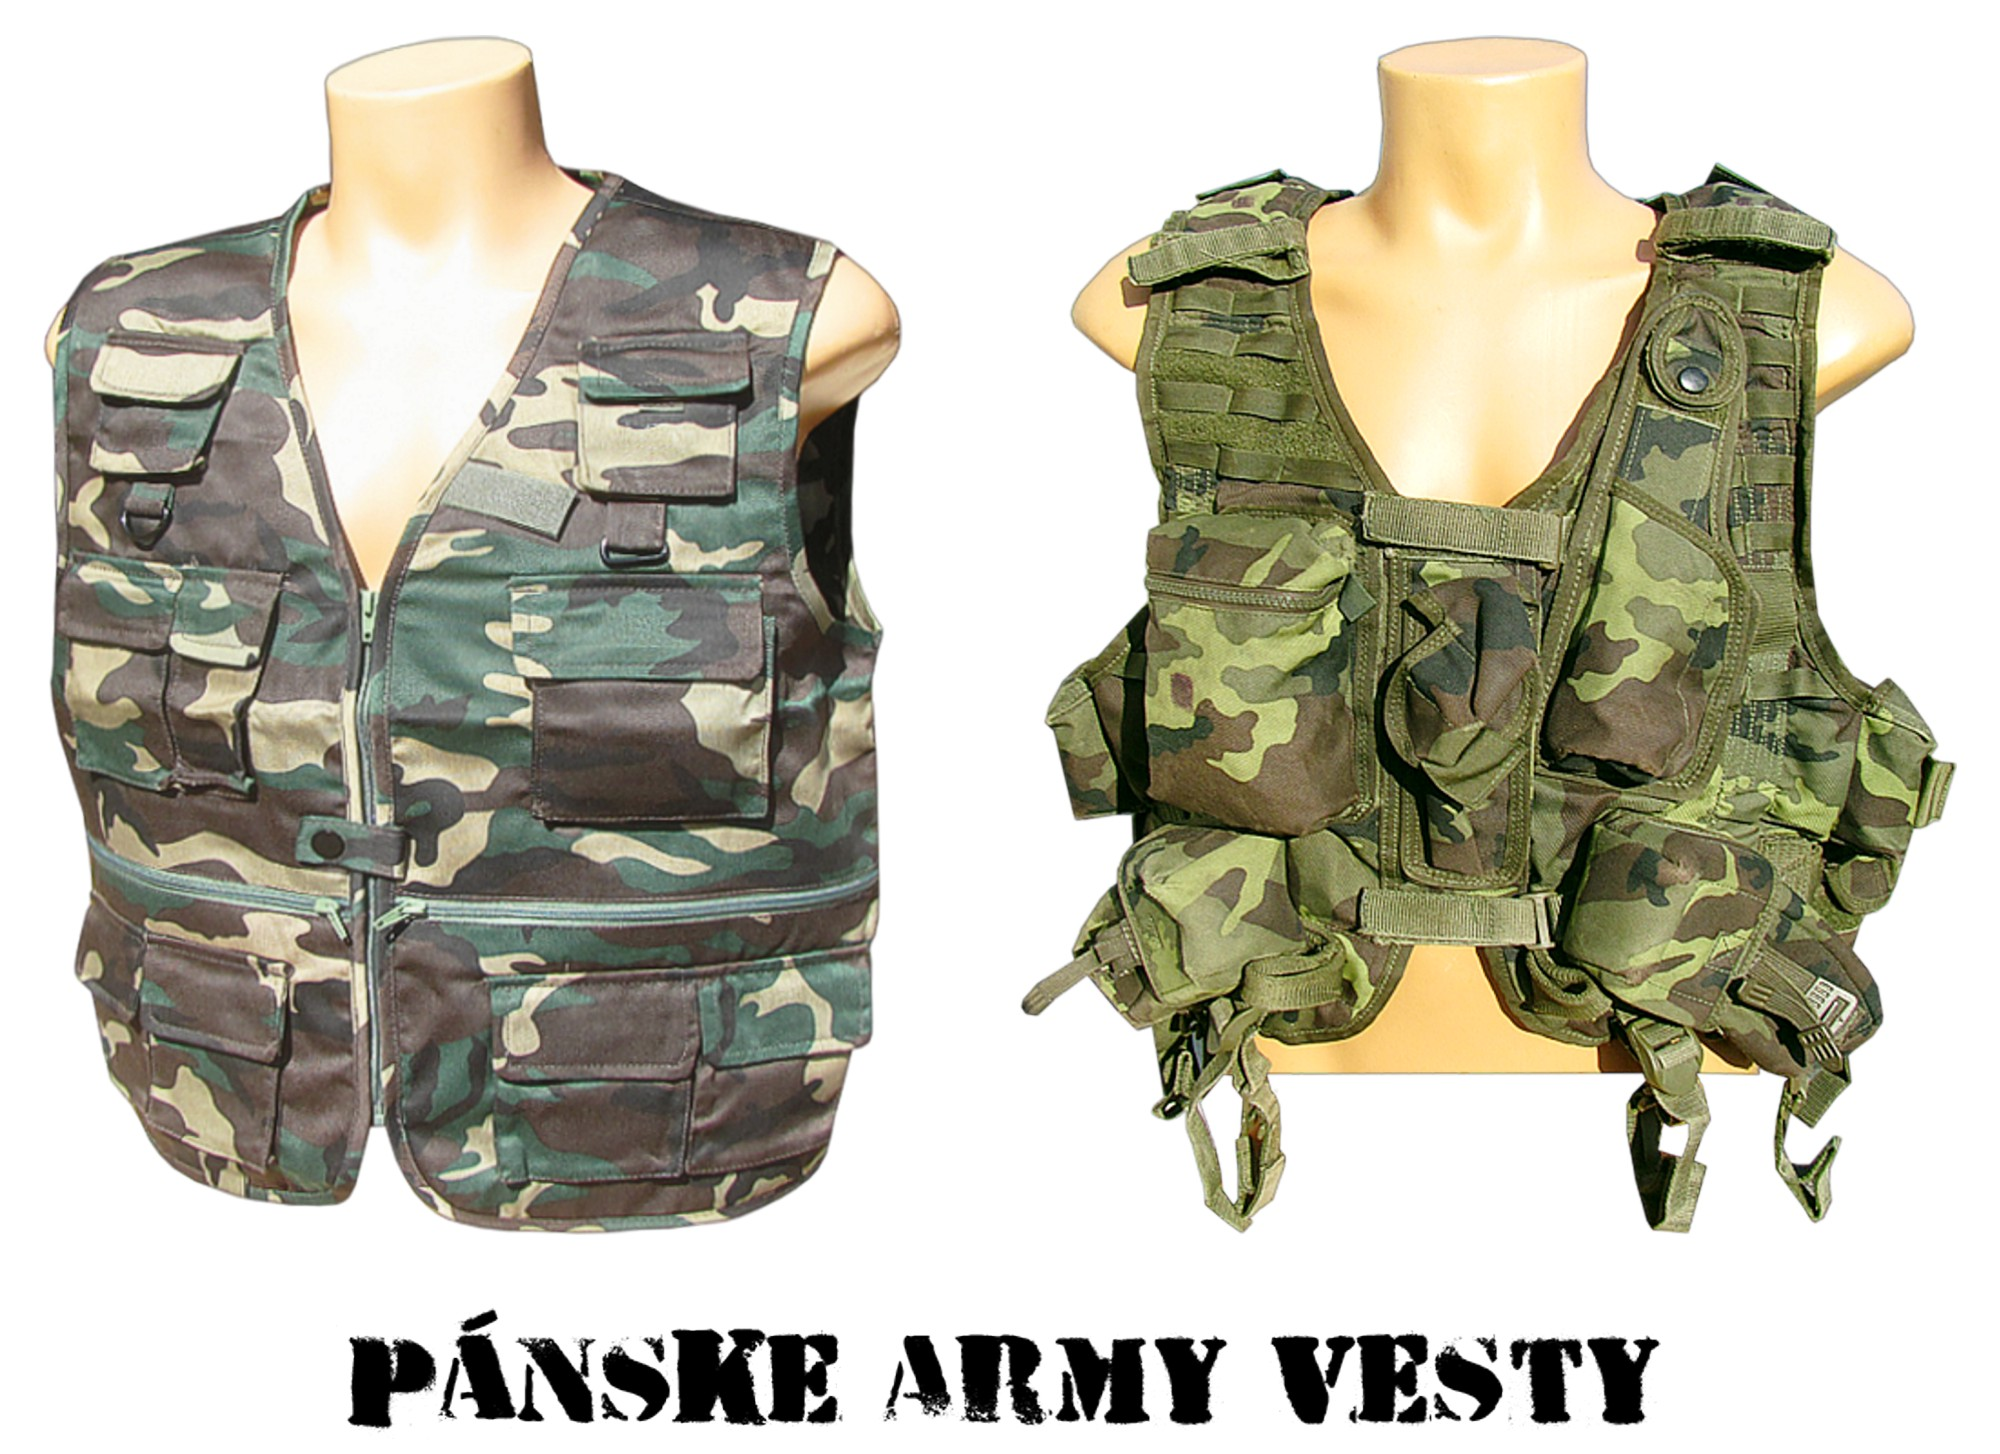 Kvalitné pánske vesty - veľkoobchod a armyshop Taktické army vesty -  armyshop a veľkoobchod online 374f3639aa4